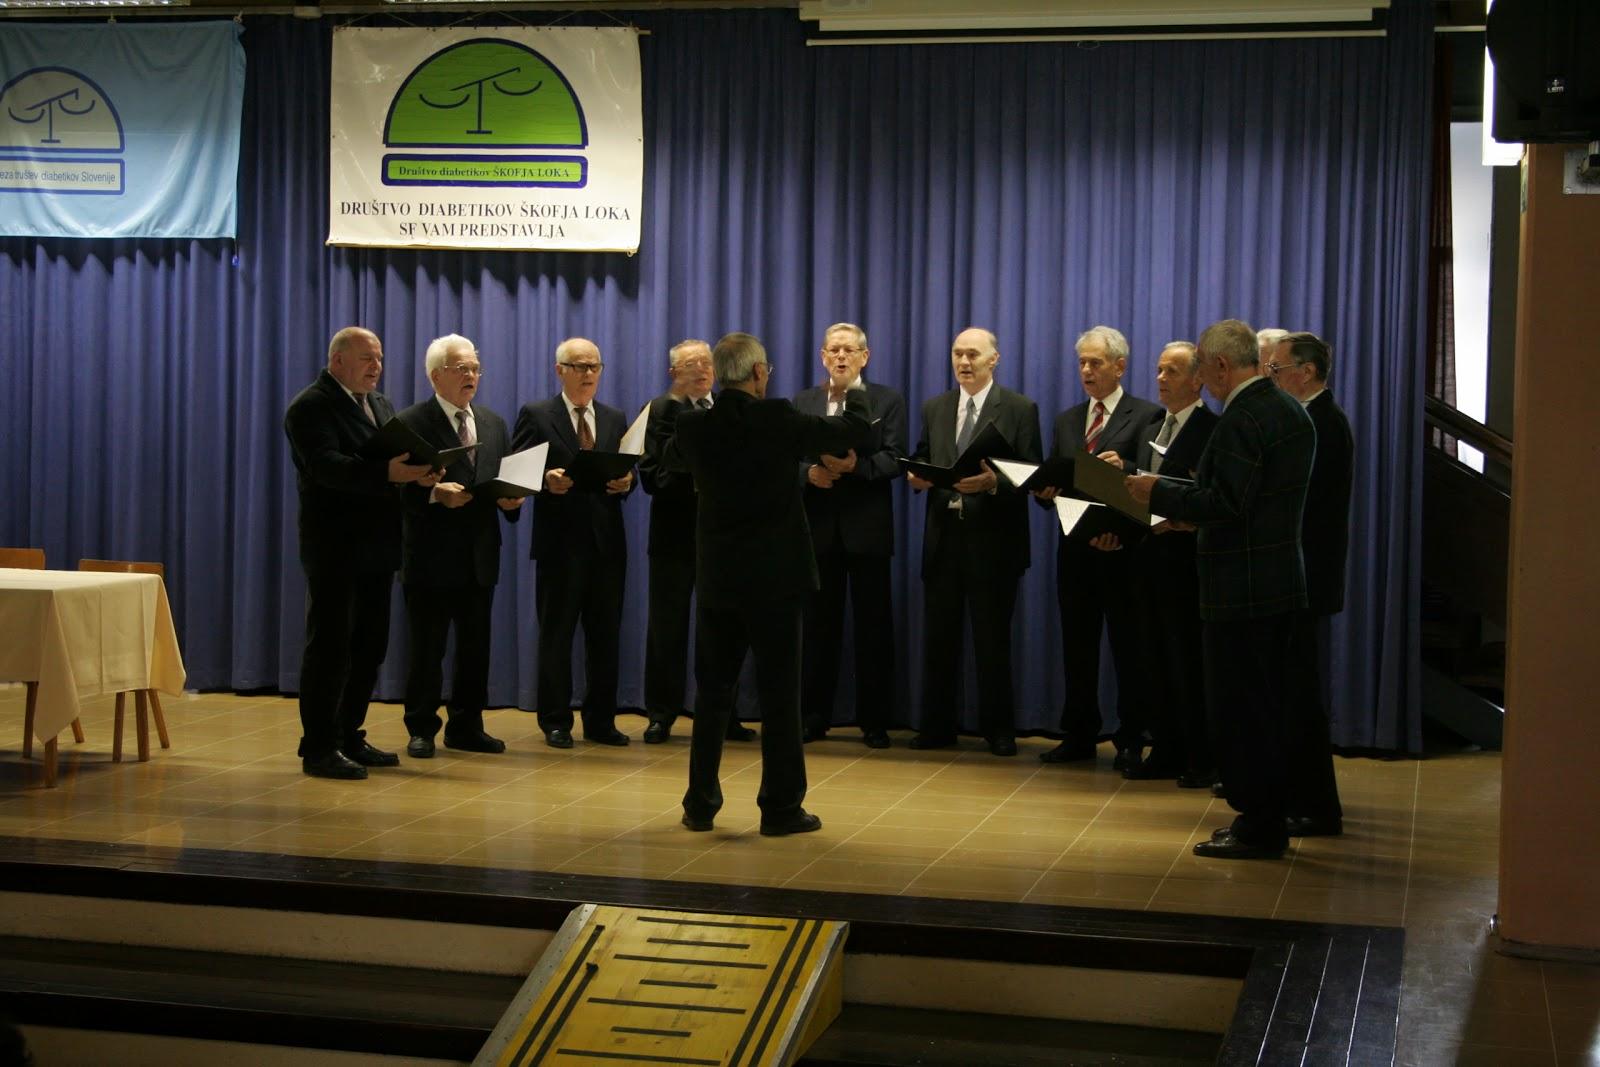 Občni zbor 2013 - IMG_8917.JPG